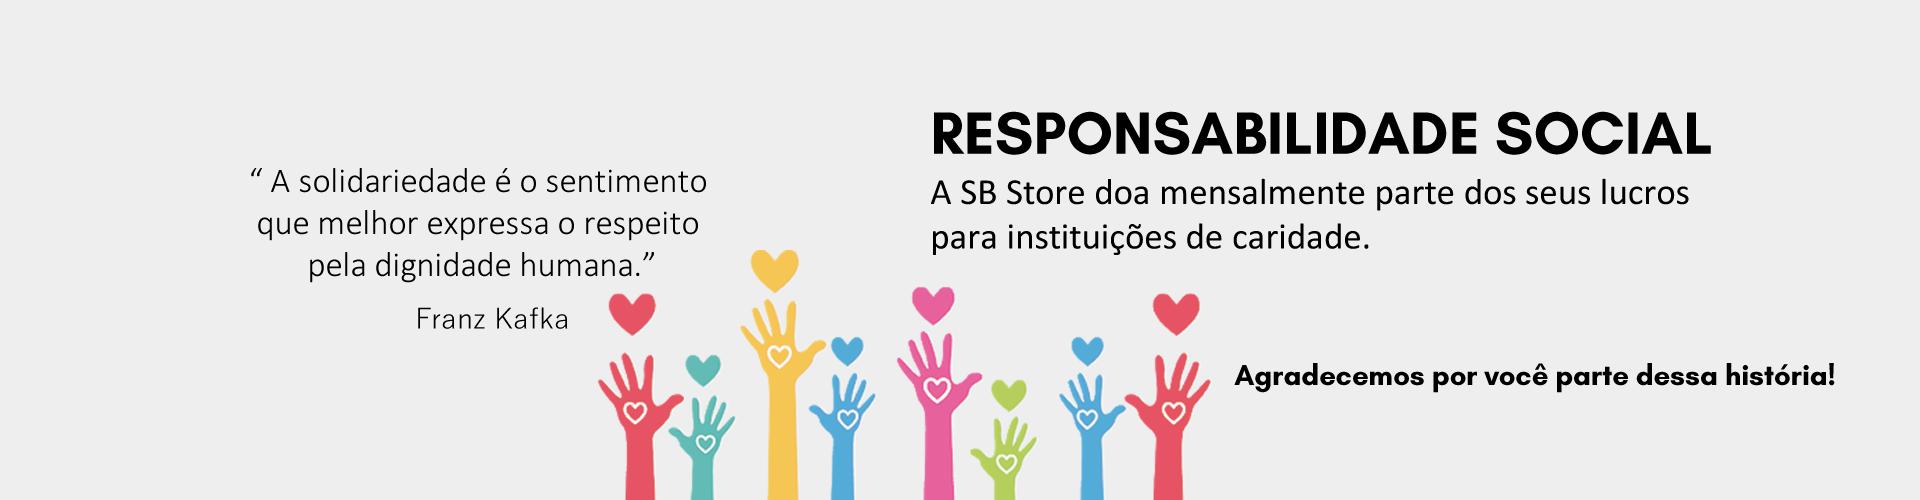 BANNER RESPONSABILIDADE SOCIAL_REV - BRANCO